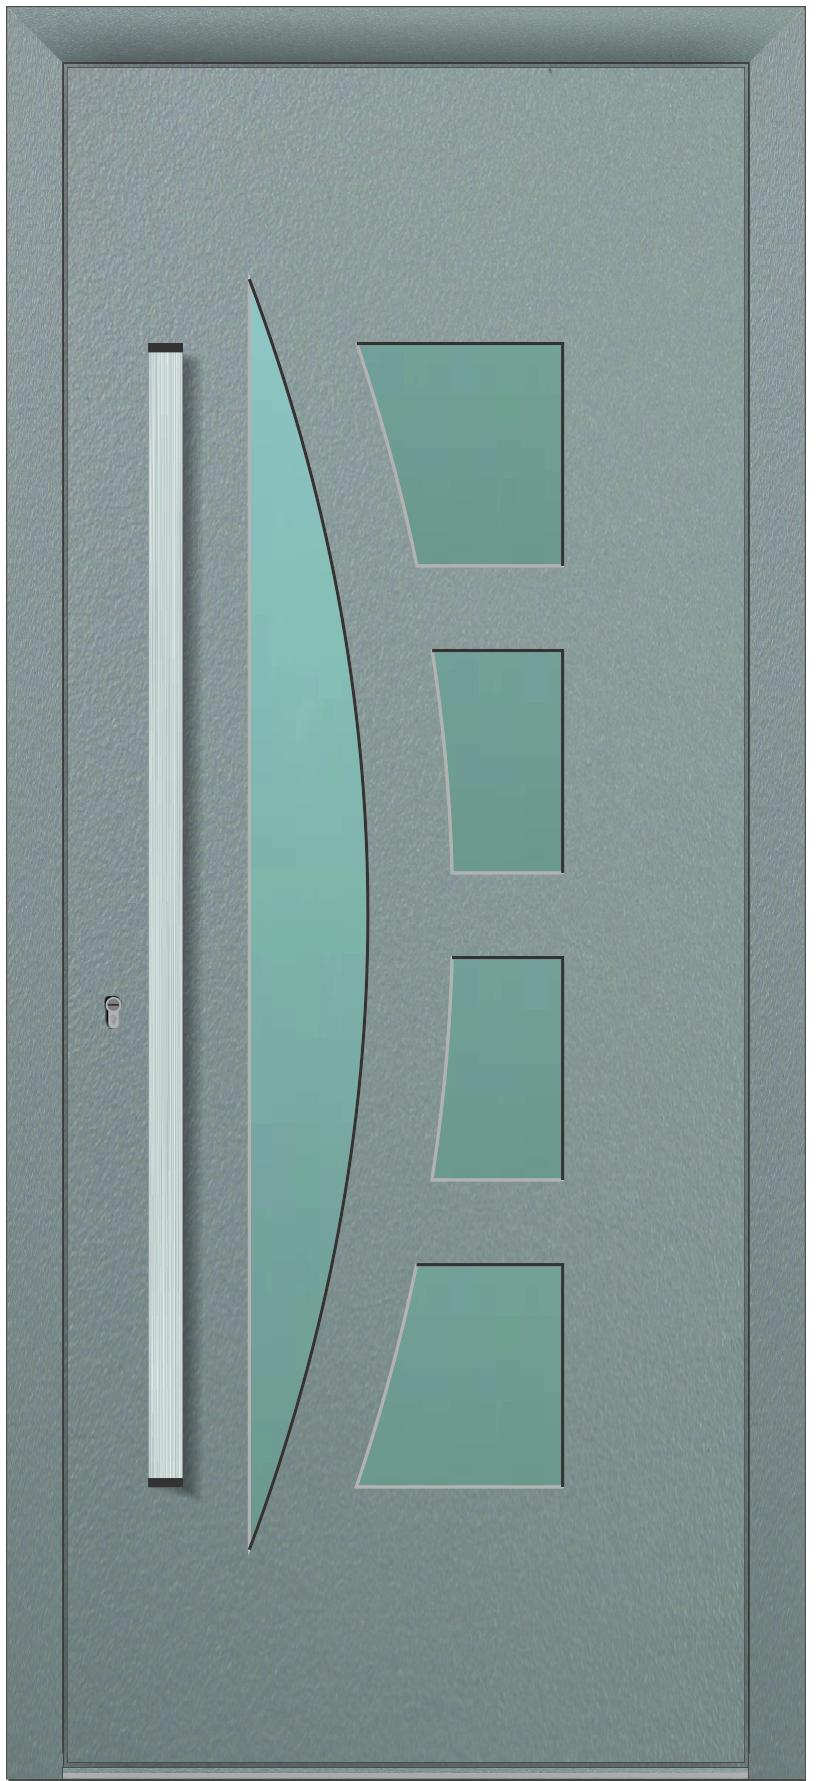 PORTA MOD. TCD-42 V.LAMINADO C/2100X900X28MM LAC.7016 TEXT./ 9003 MATE TITAN